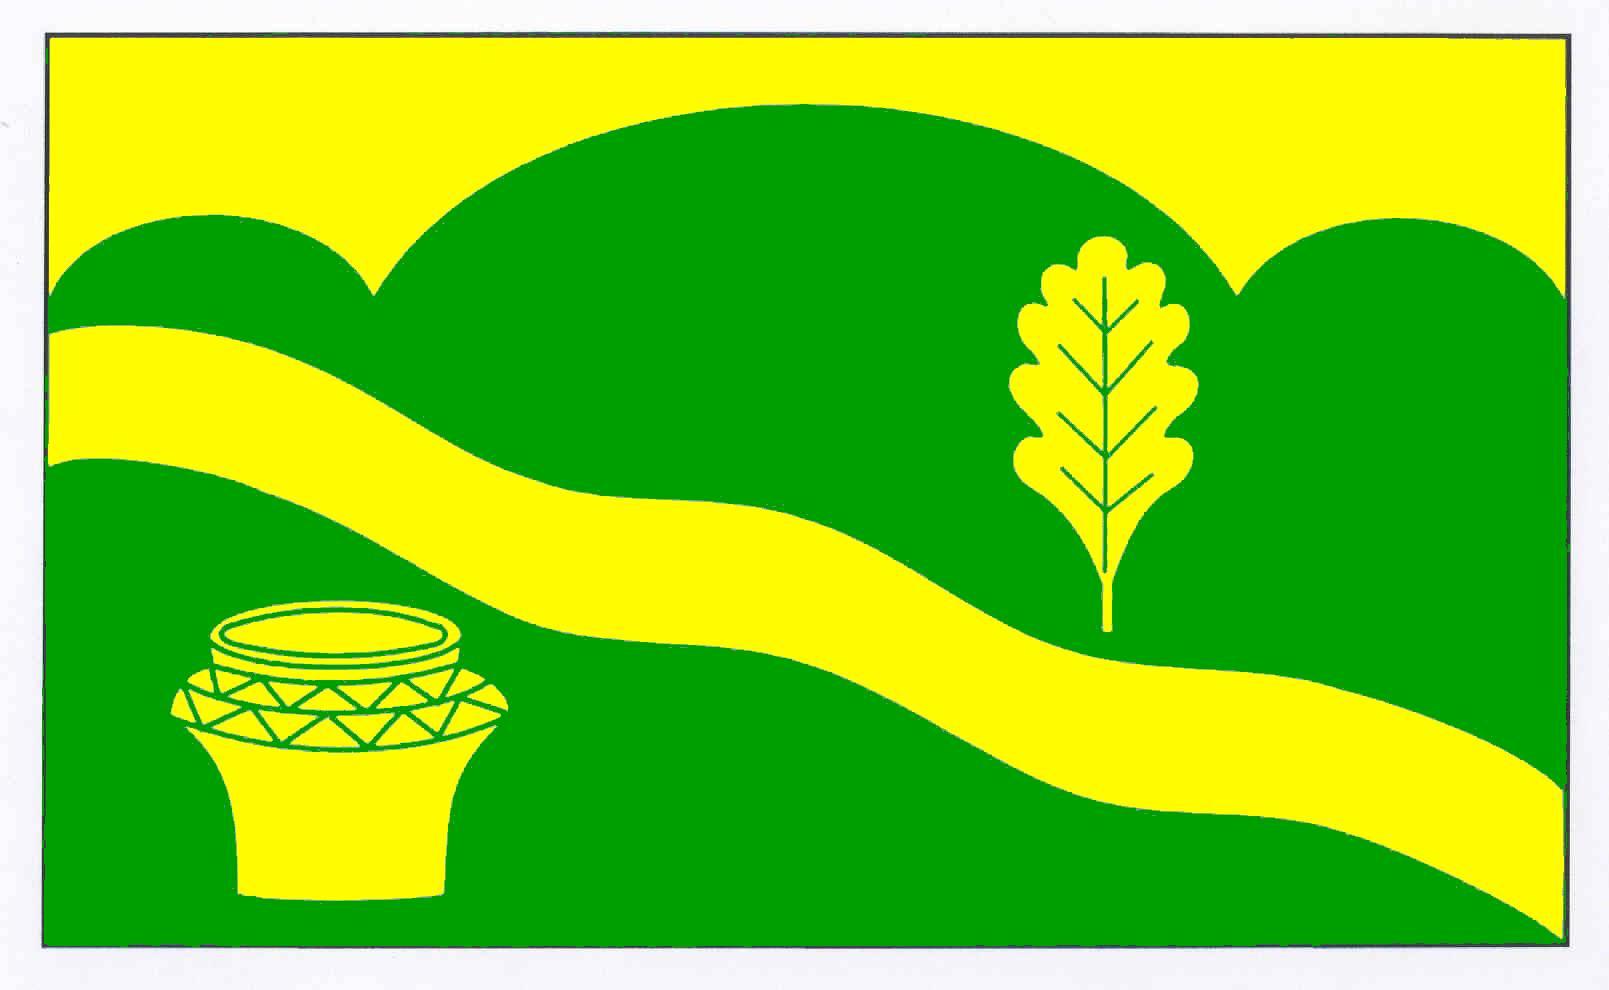 Flagge GemeindeBargstall, Kreis Rendsburg-Eckernförde